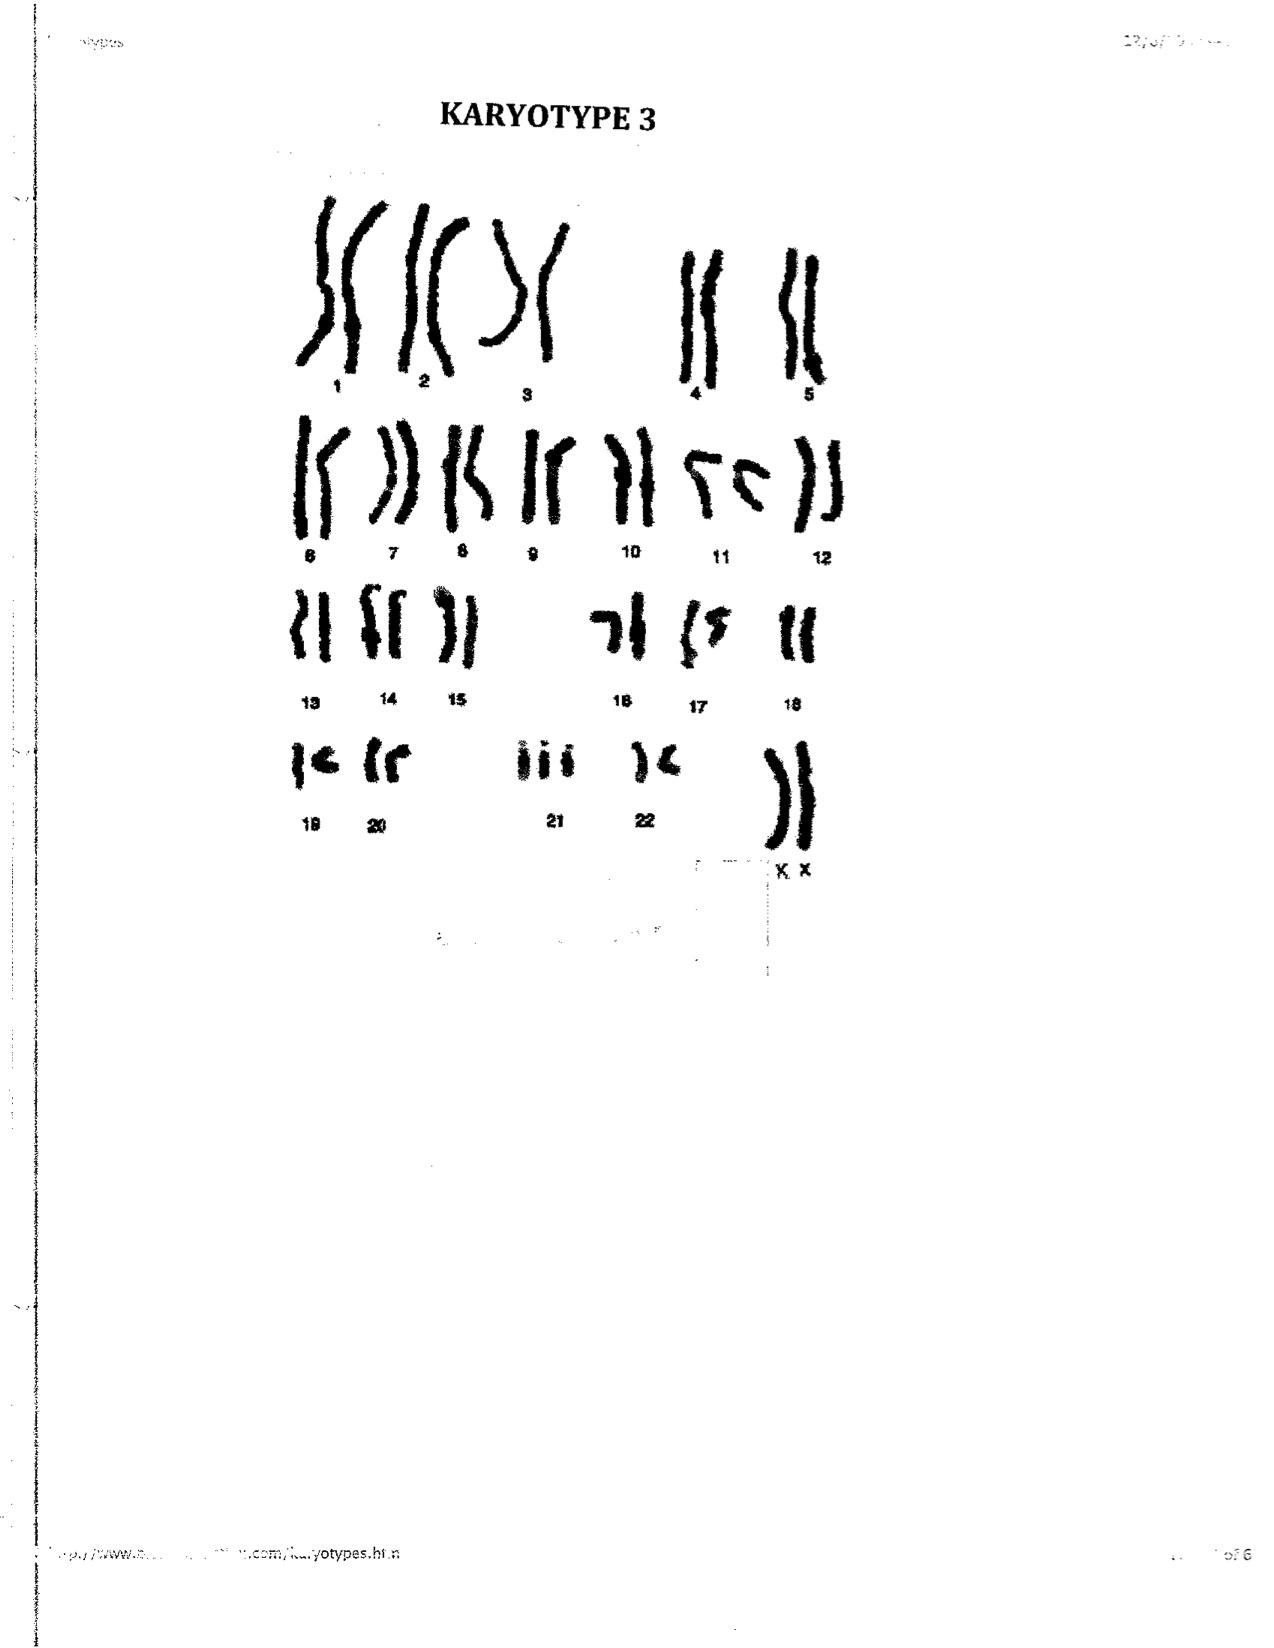 worksheet Karyotyping Worksheet Luizah Worksheet And Essay Site – Karyotyping Activity Worksheet